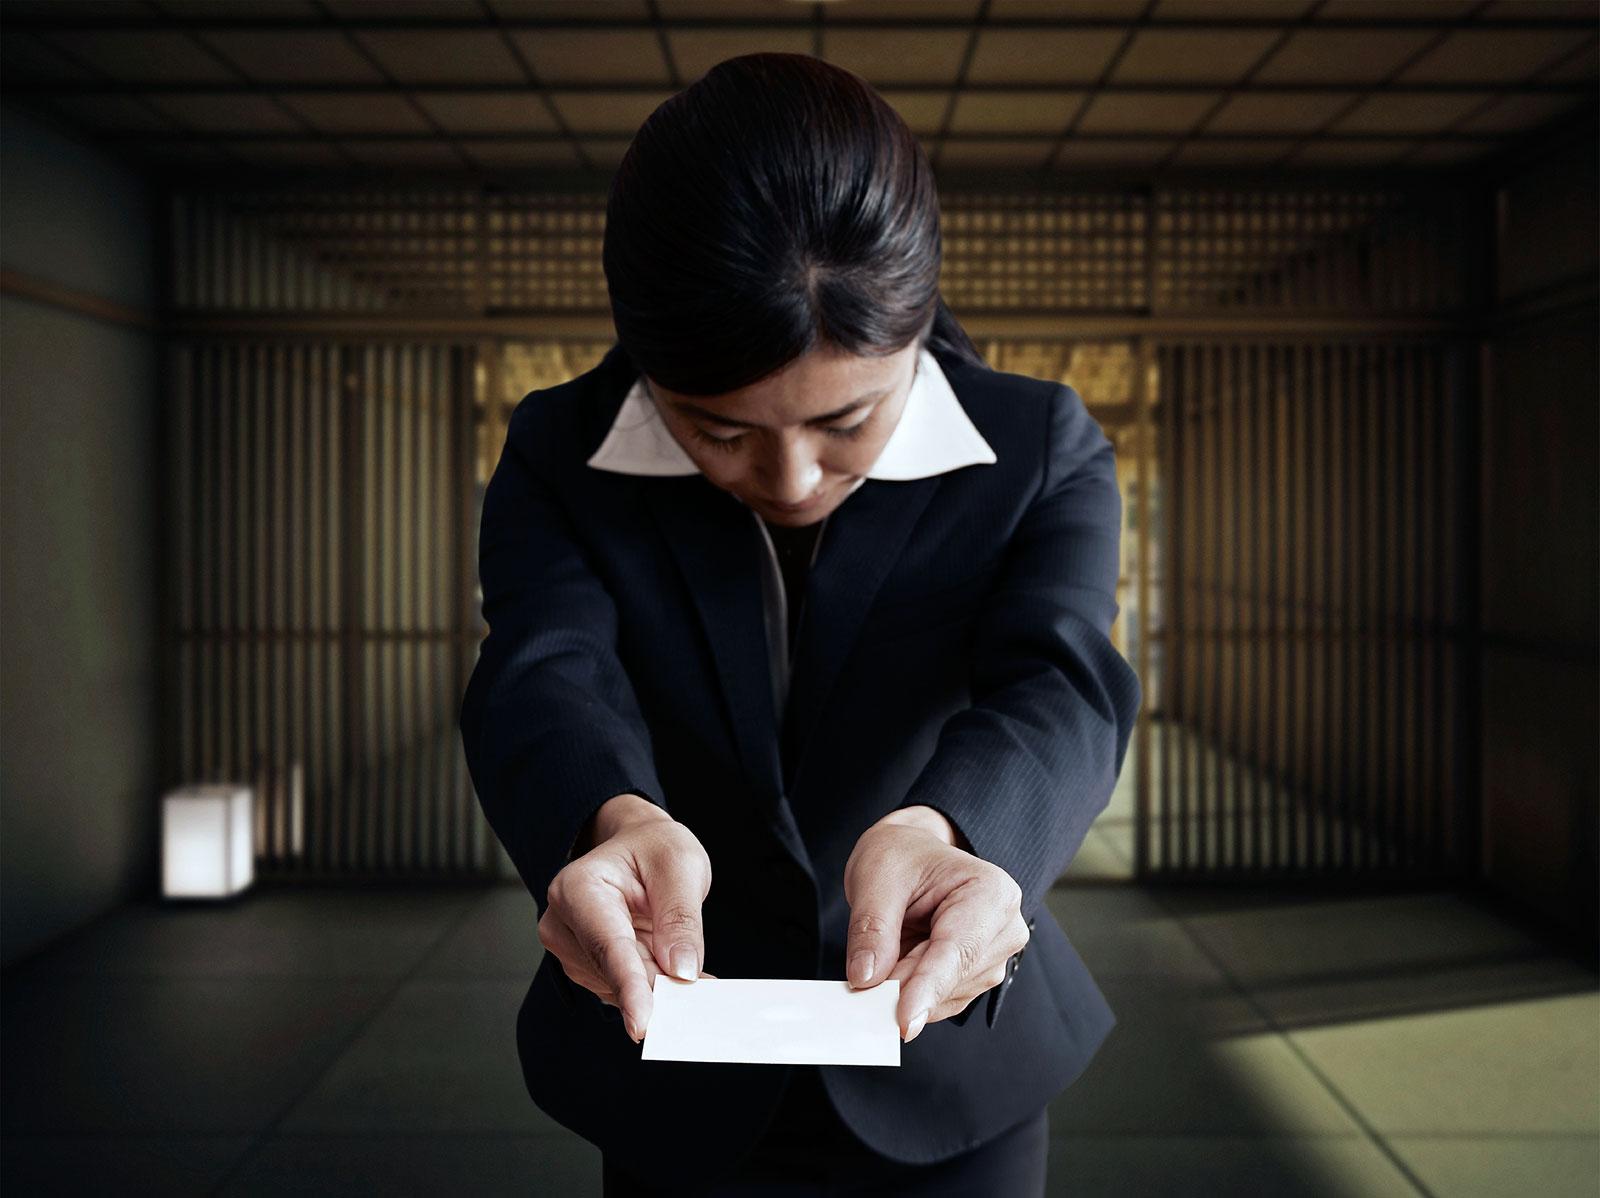 5 tác phong làm việc của người Nhật có thể áp dụng trên toàn thế giới